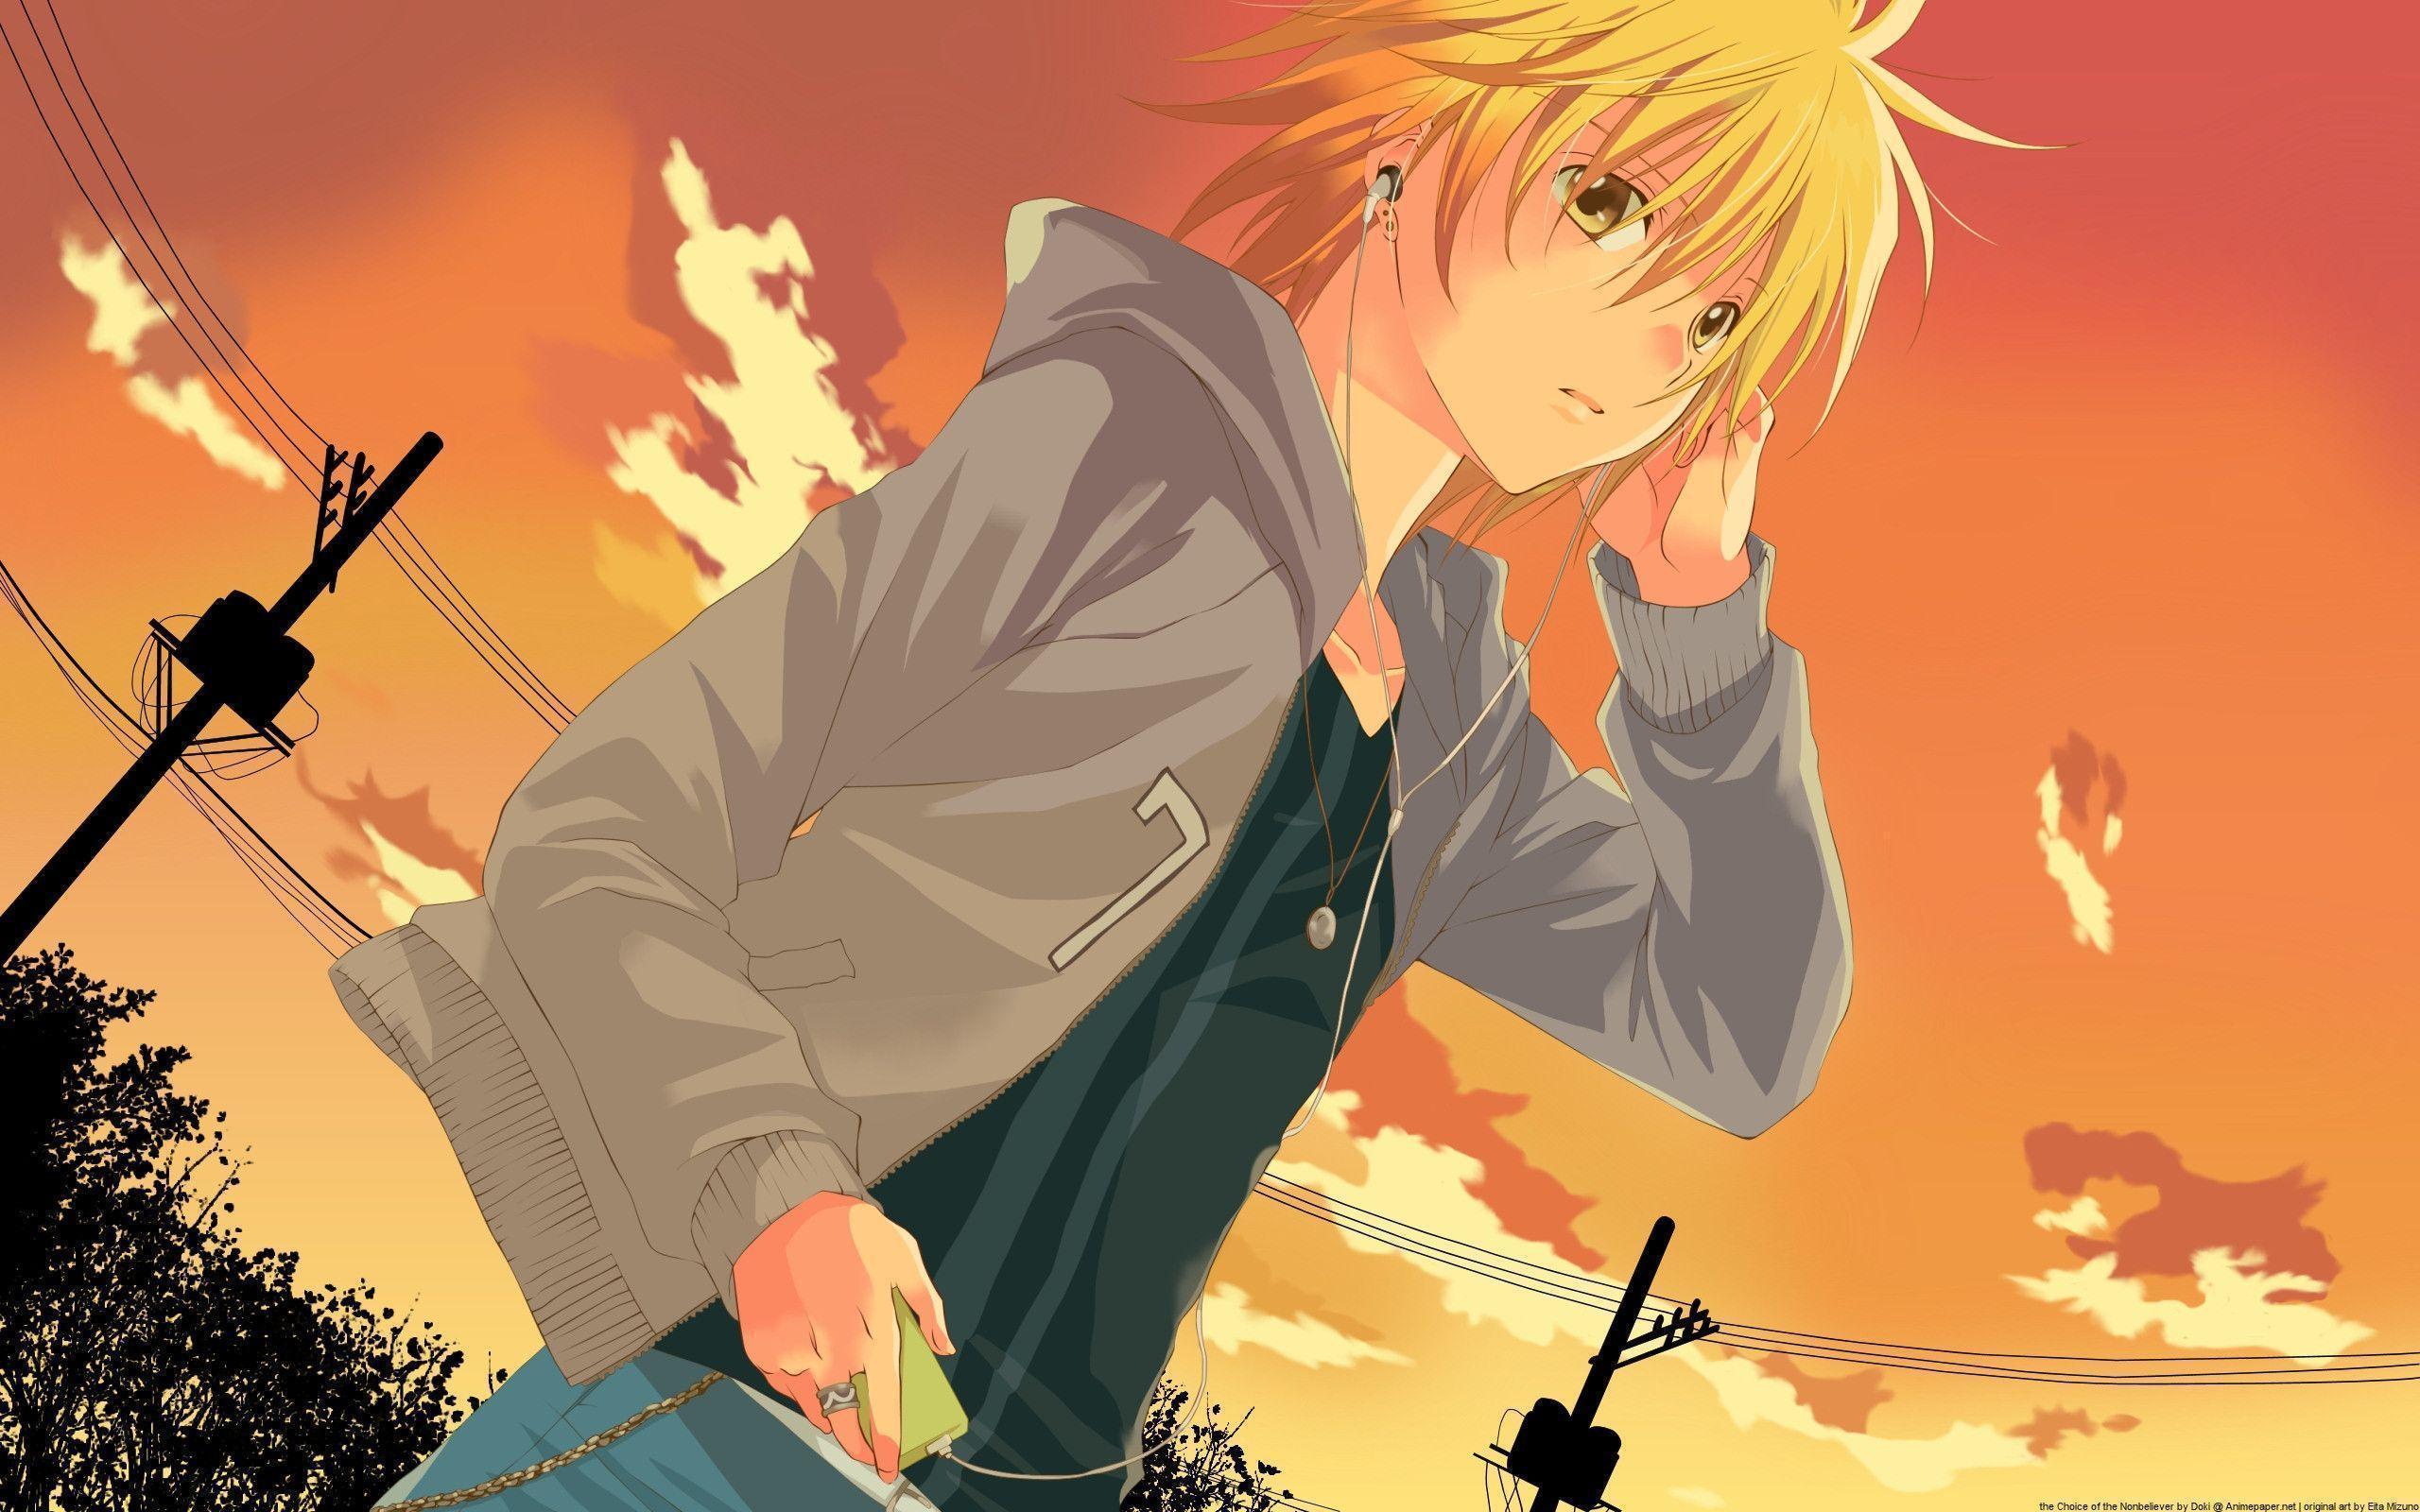 Hình ảnh Anime Boy Cute lạnh lùng dễ thương 2